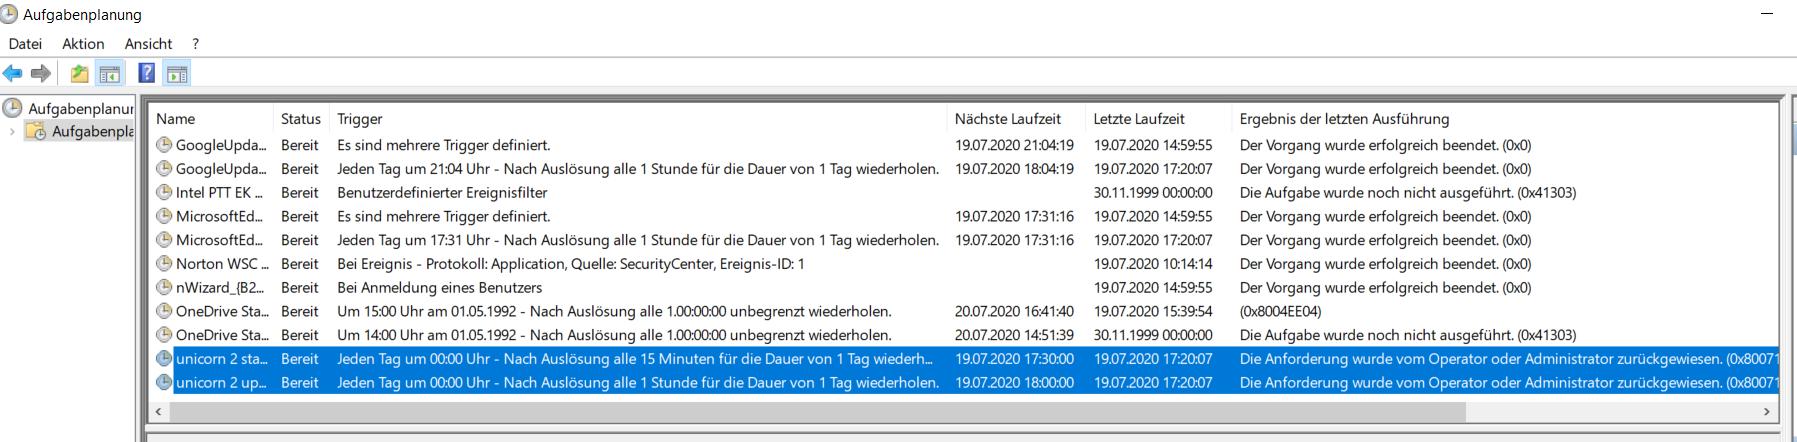 Das Bild zeigt die Windows Aufgabenverwaltung sowie die hinterlegten Aufgaben für unicorn 2.